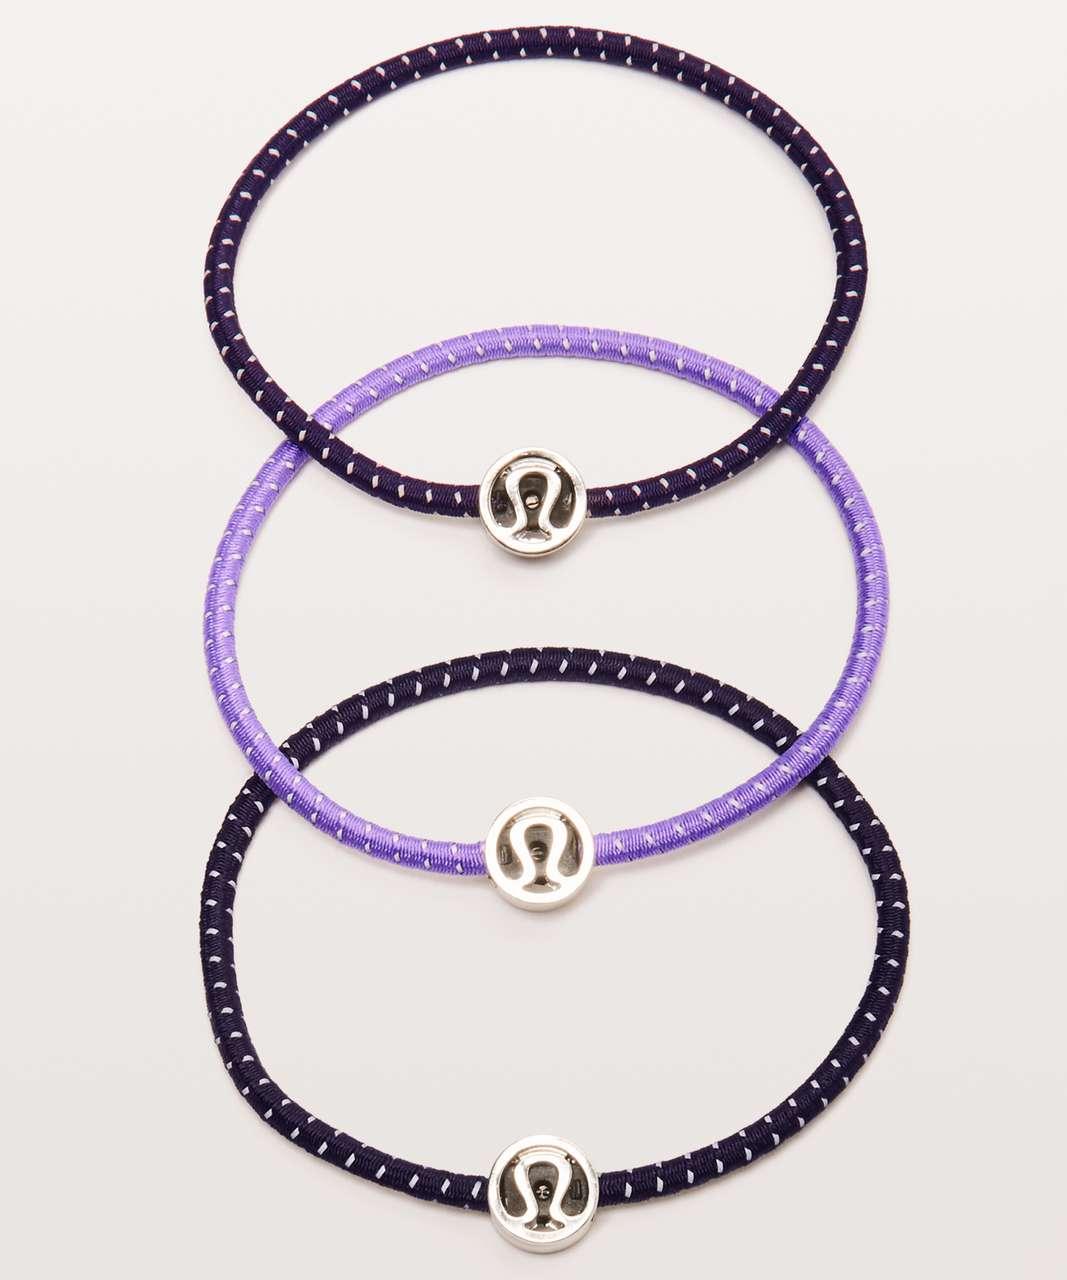 Lululemon Glow On Hair Ties - Cyber / Enchanted Iris / Dark Court Purple